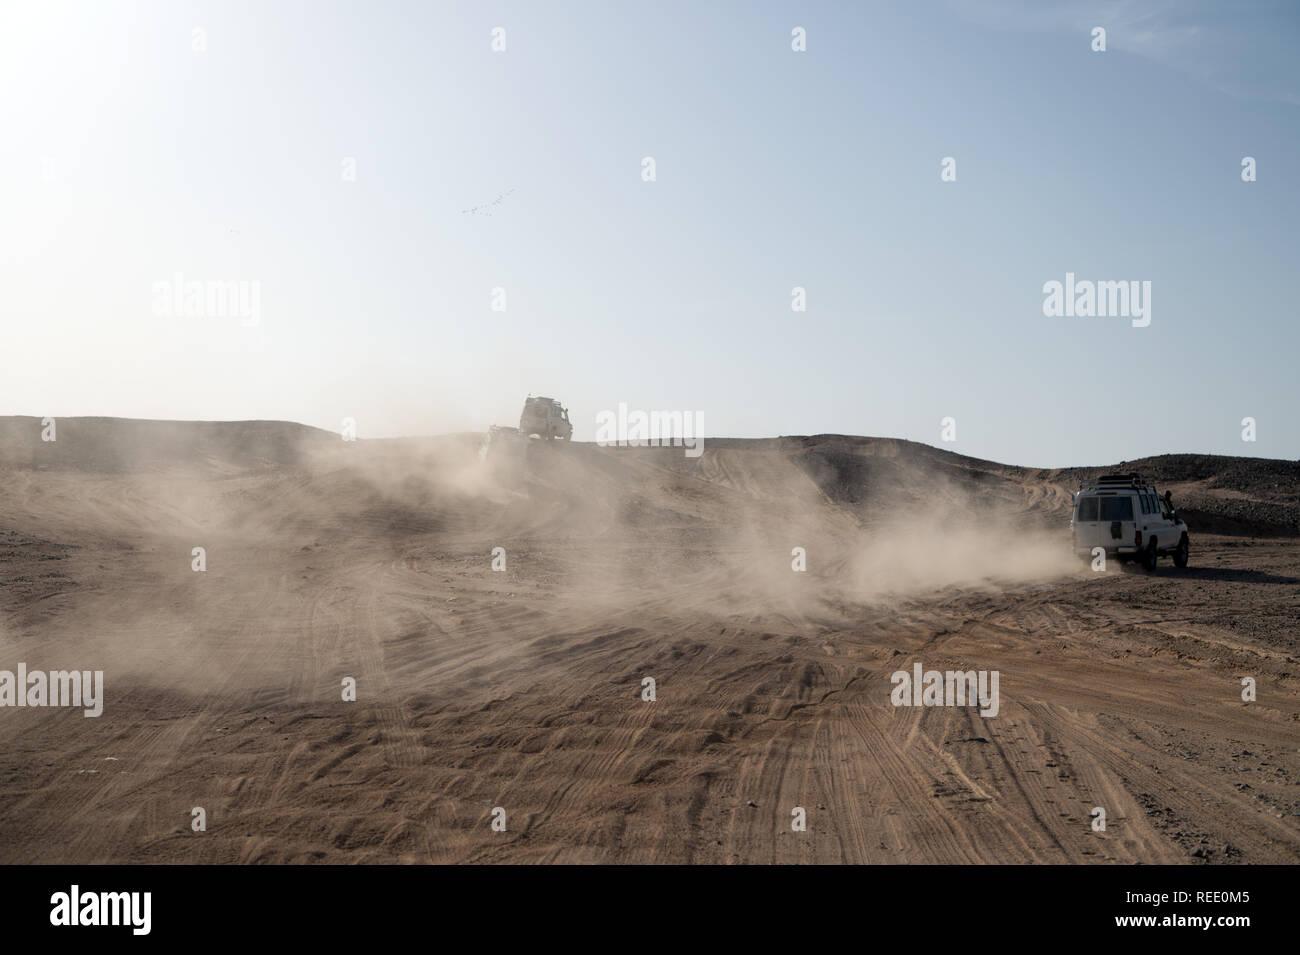 Course défi concours désert. Location de surmonter les obstacles de dunes de sable. Voiture conduit le tout-terrain avec des nuages de poussière. Véhicule hors route course obstacles dans désert. Désert sans fin. Course en désert de sable. Photo Stock